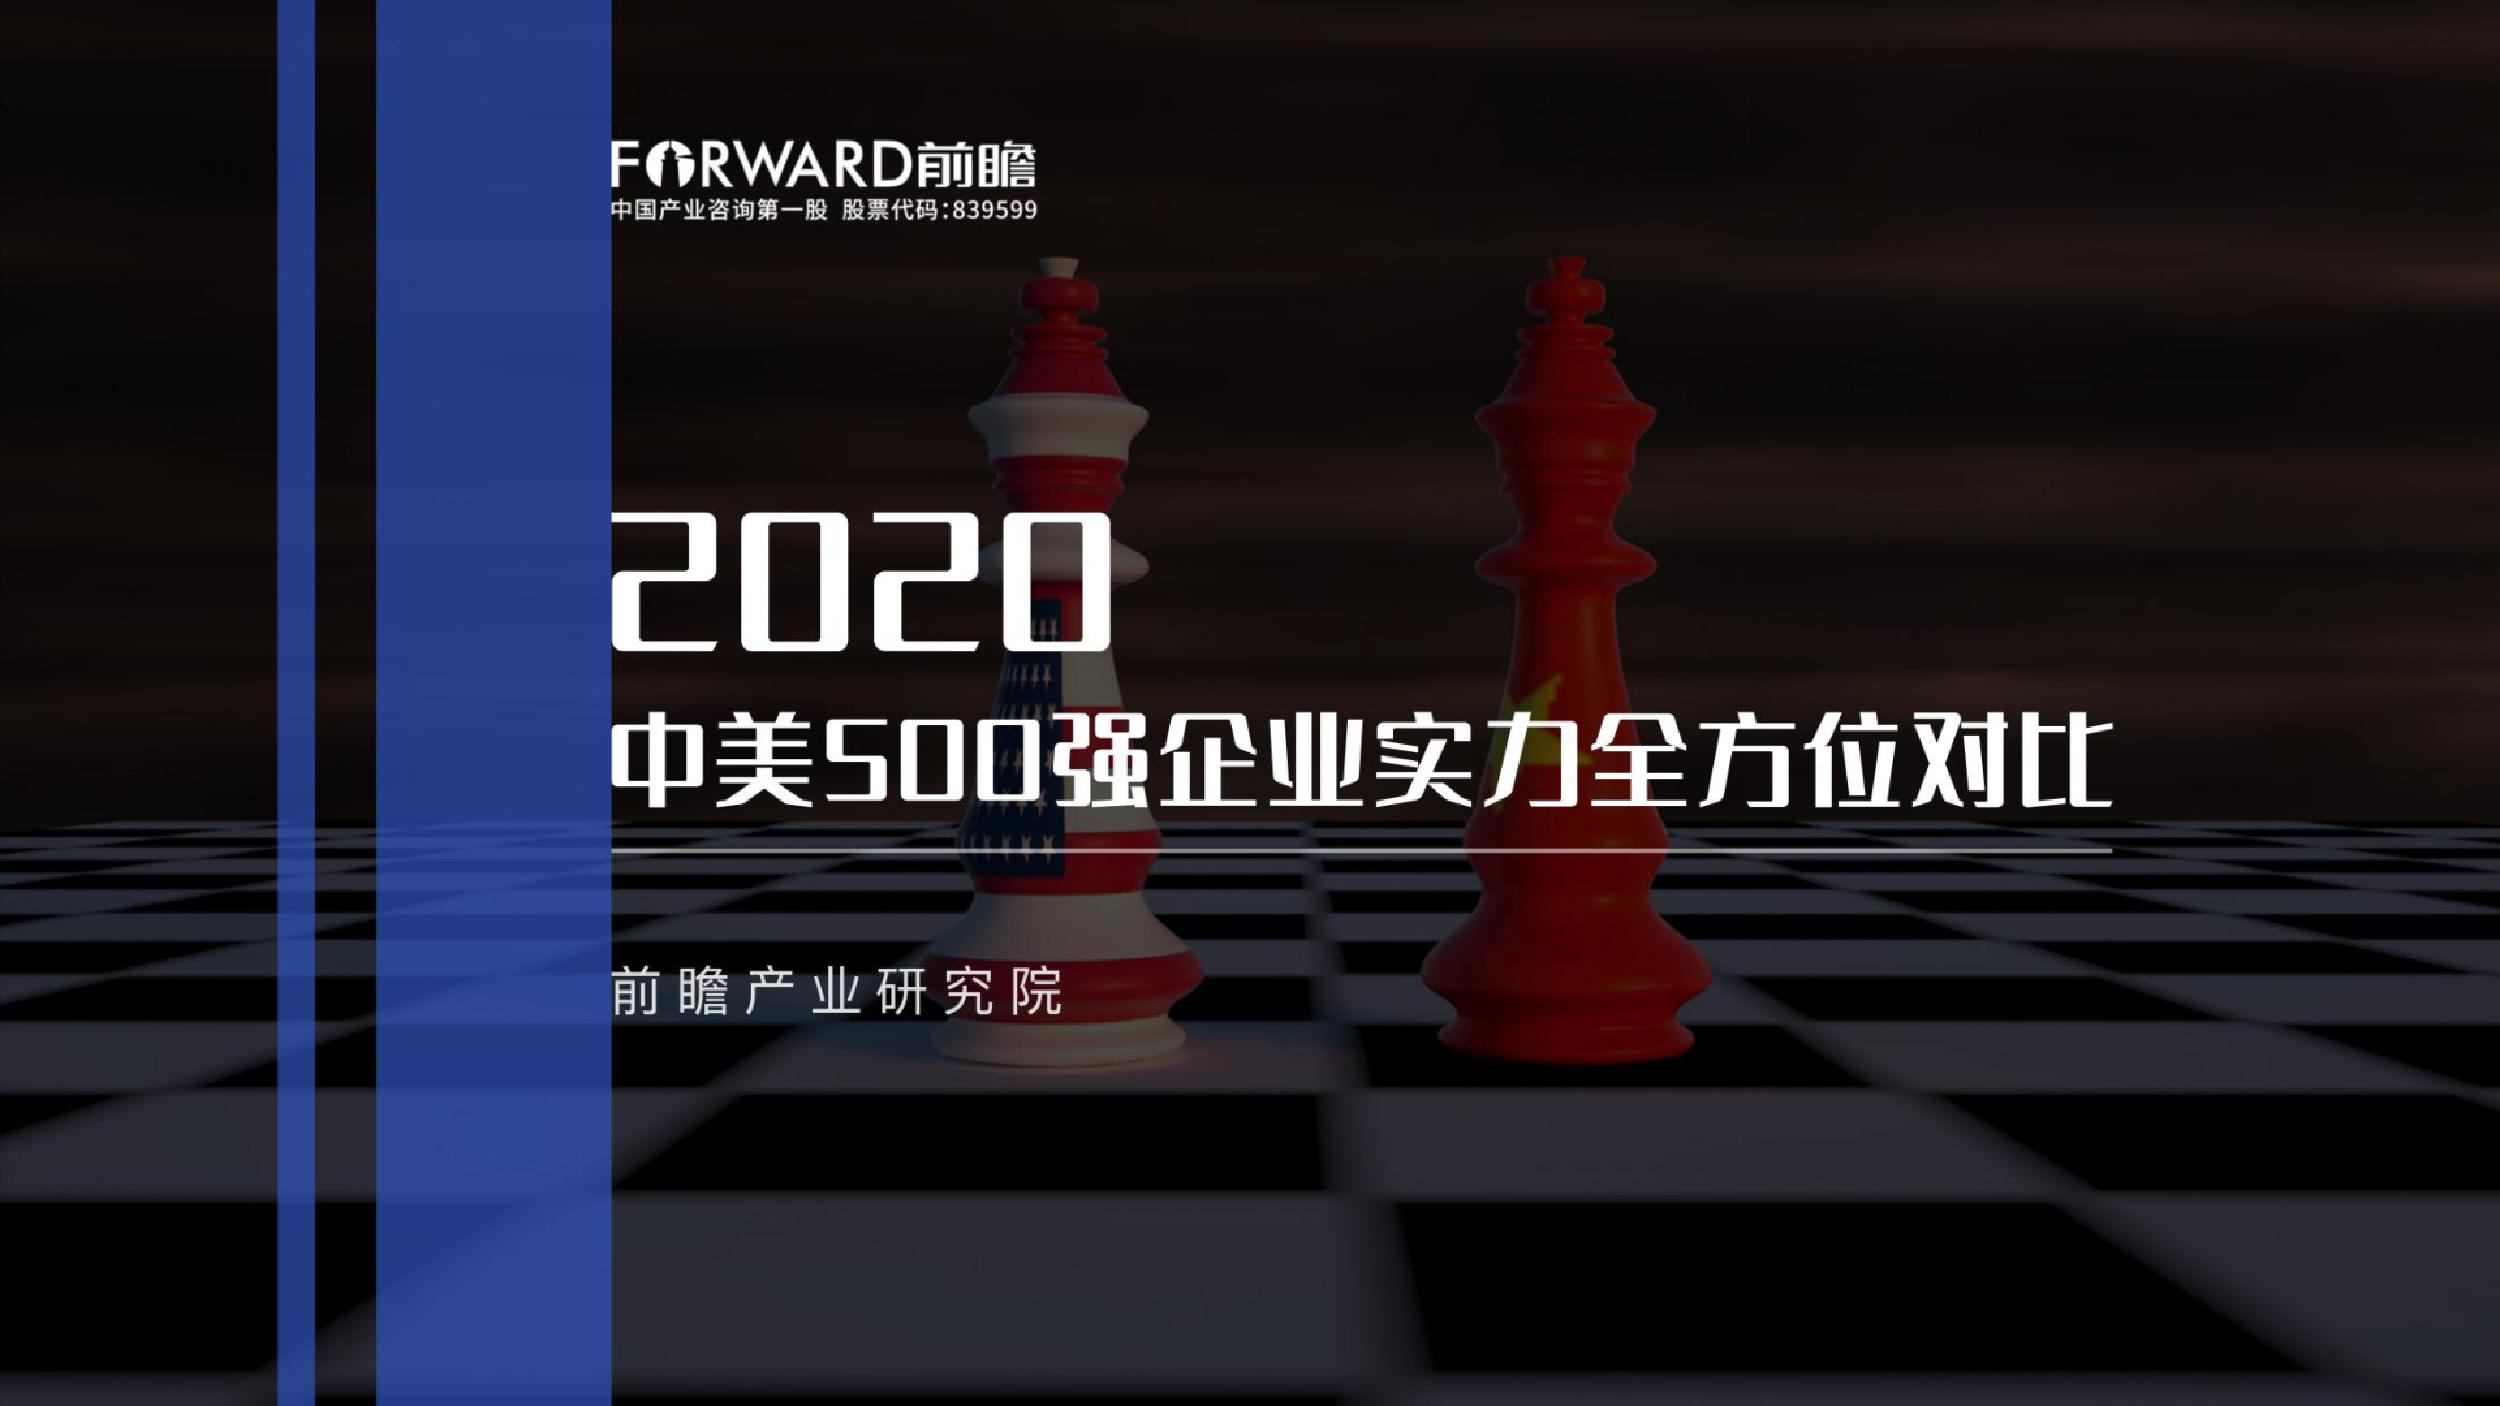 2020年中美500强企业实力对比